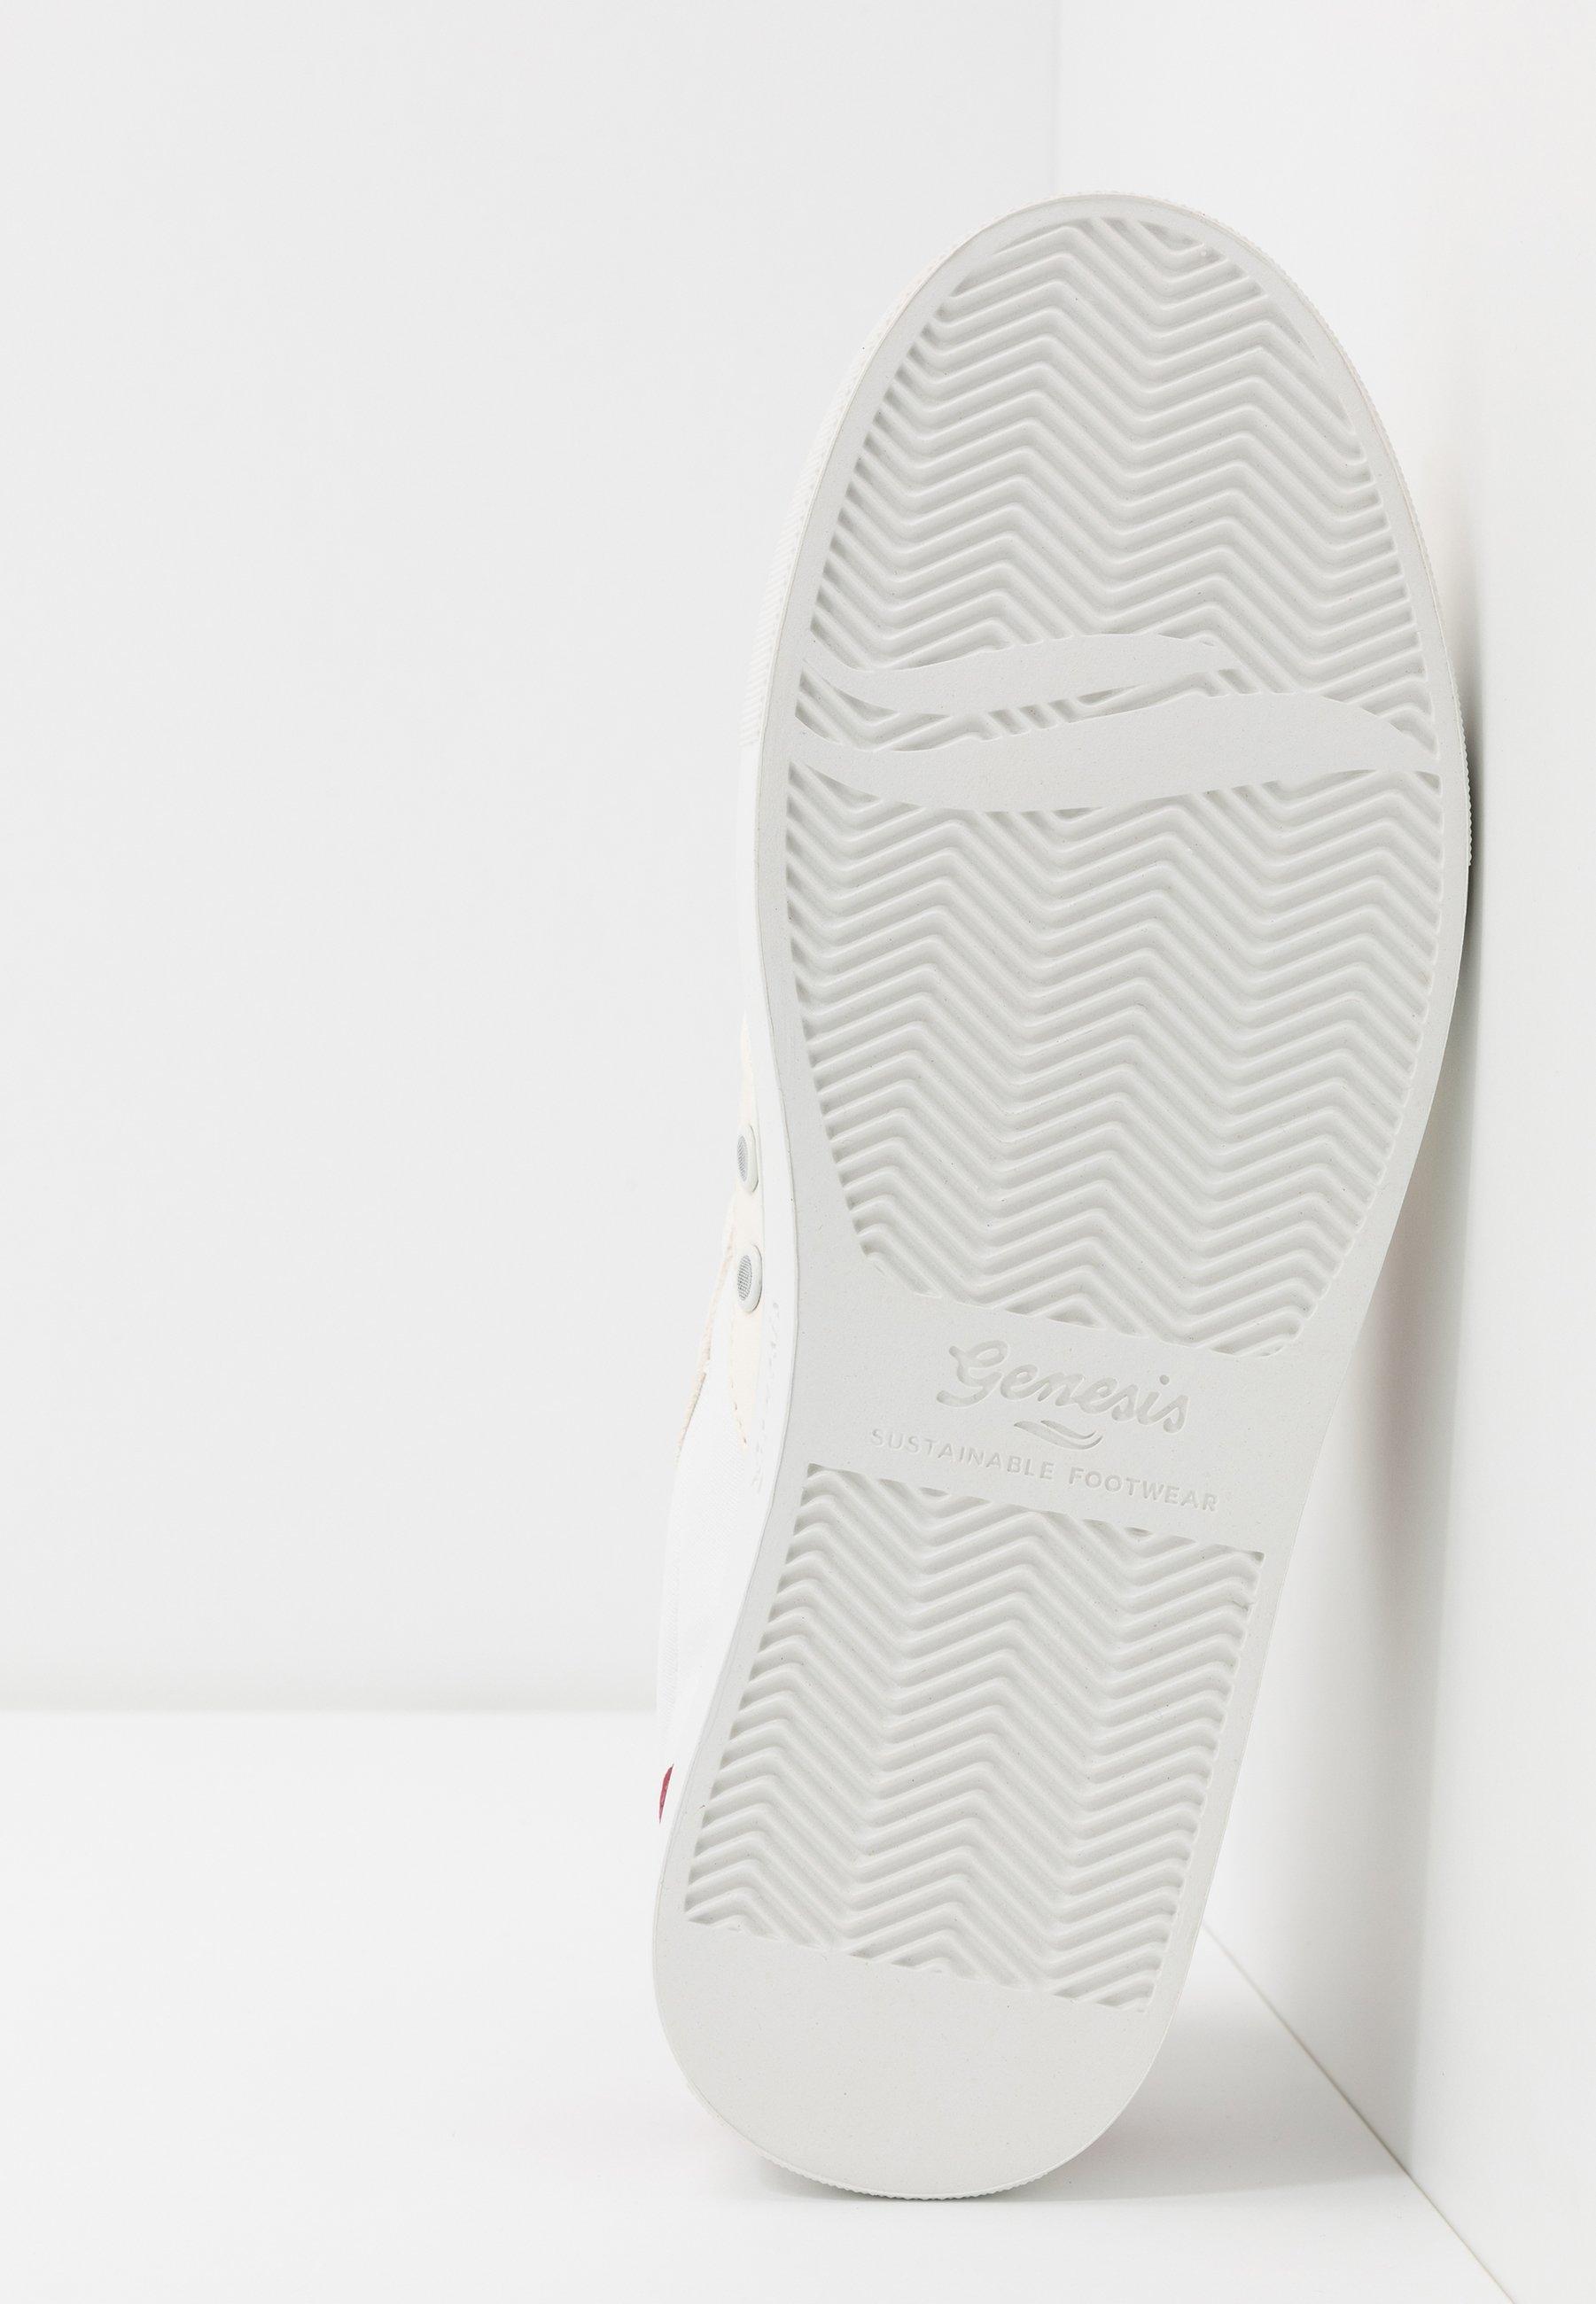 Genesis SOLEY - Sneakers - white/wine